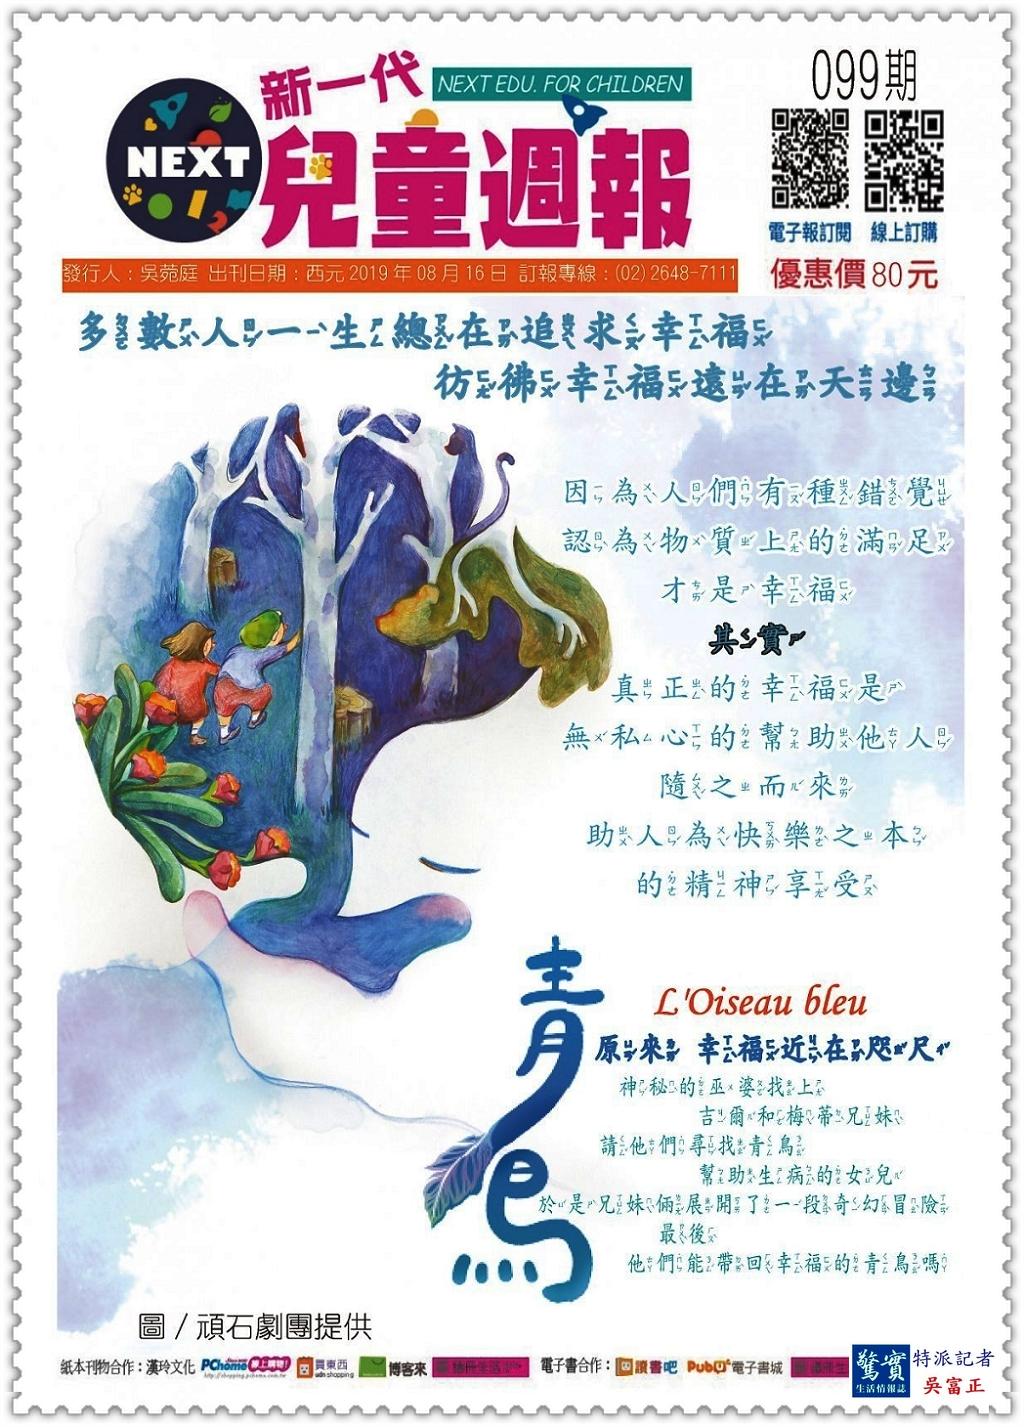 20190824a(驚實報)-頑石劇團[青鳥]0824台北親子劇場05